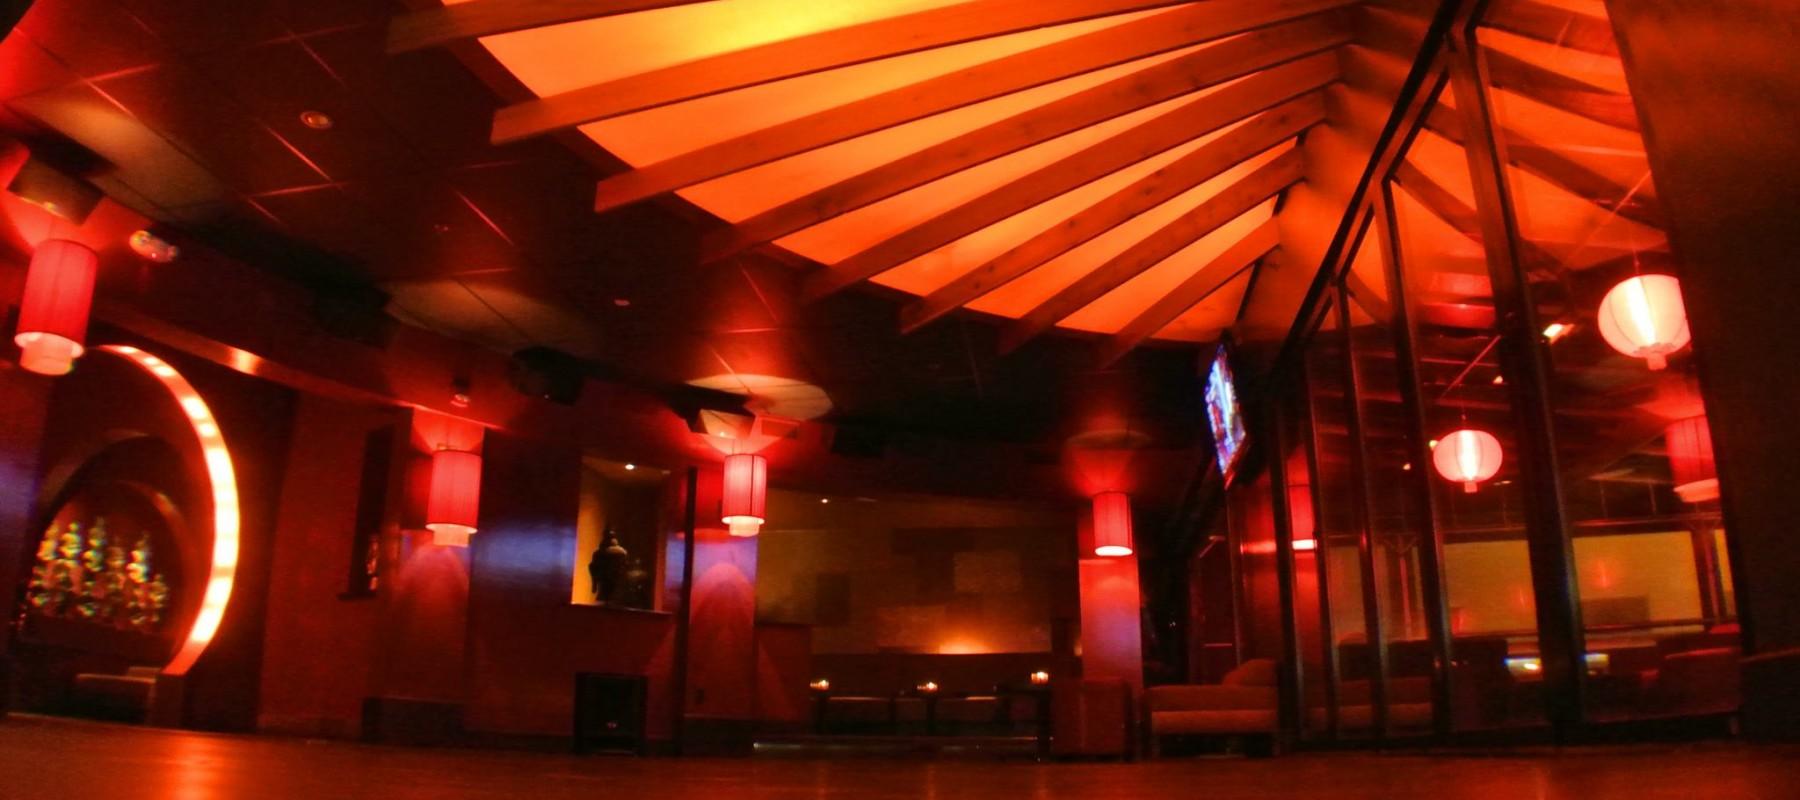 mandarin lounge st louis